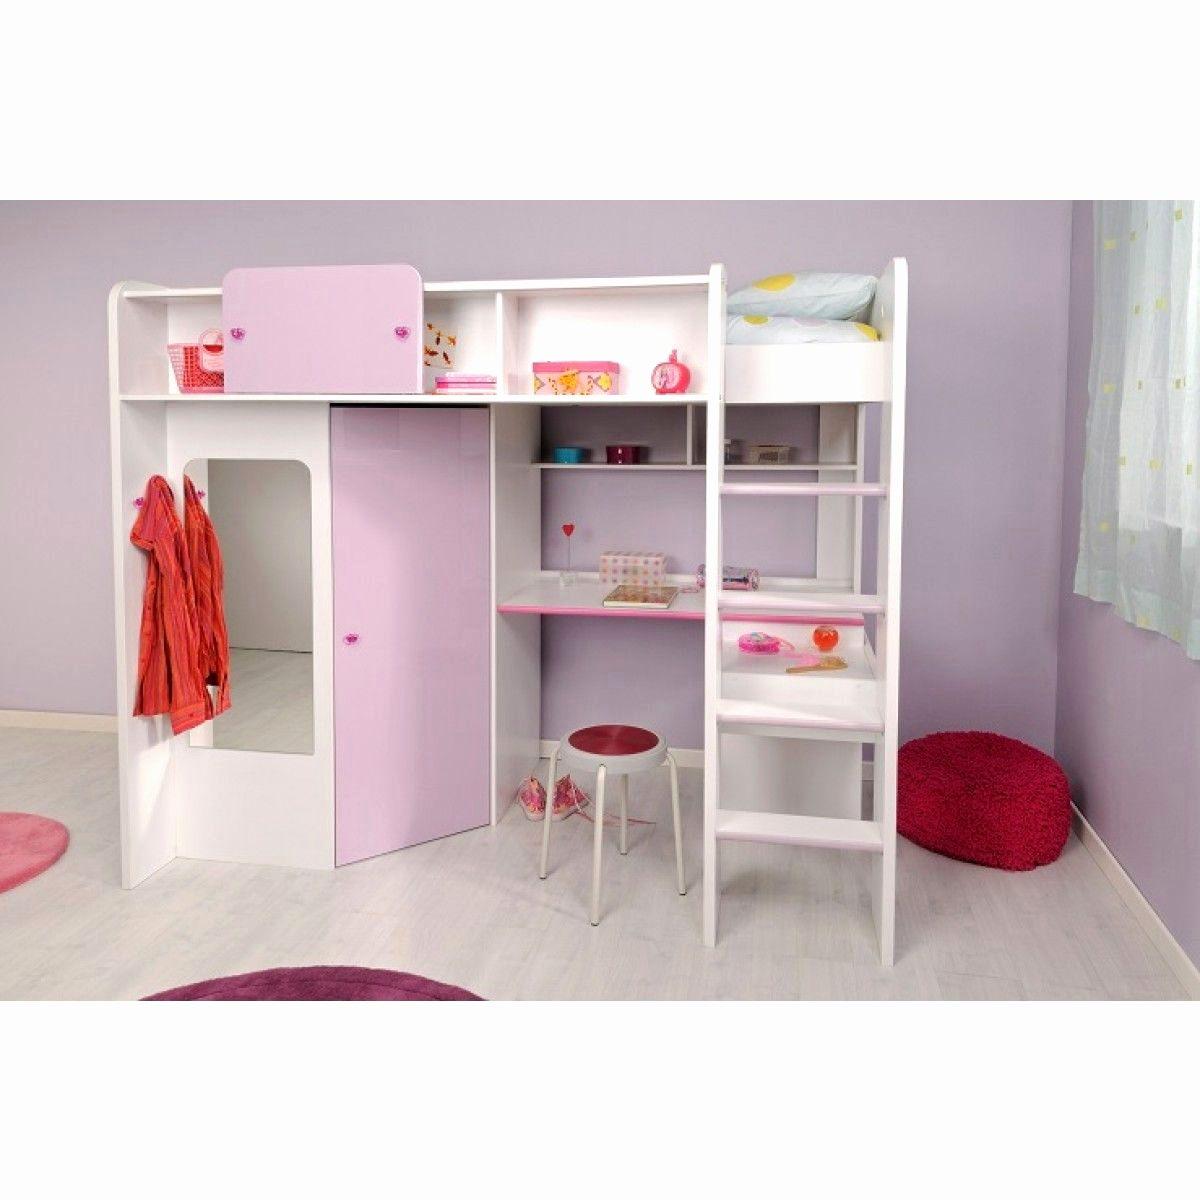 Lit Mezzanine Deux Places Charmant Lit Mezzanine Avec Rangement Beau Lit Ikea Deux Places Place Avec